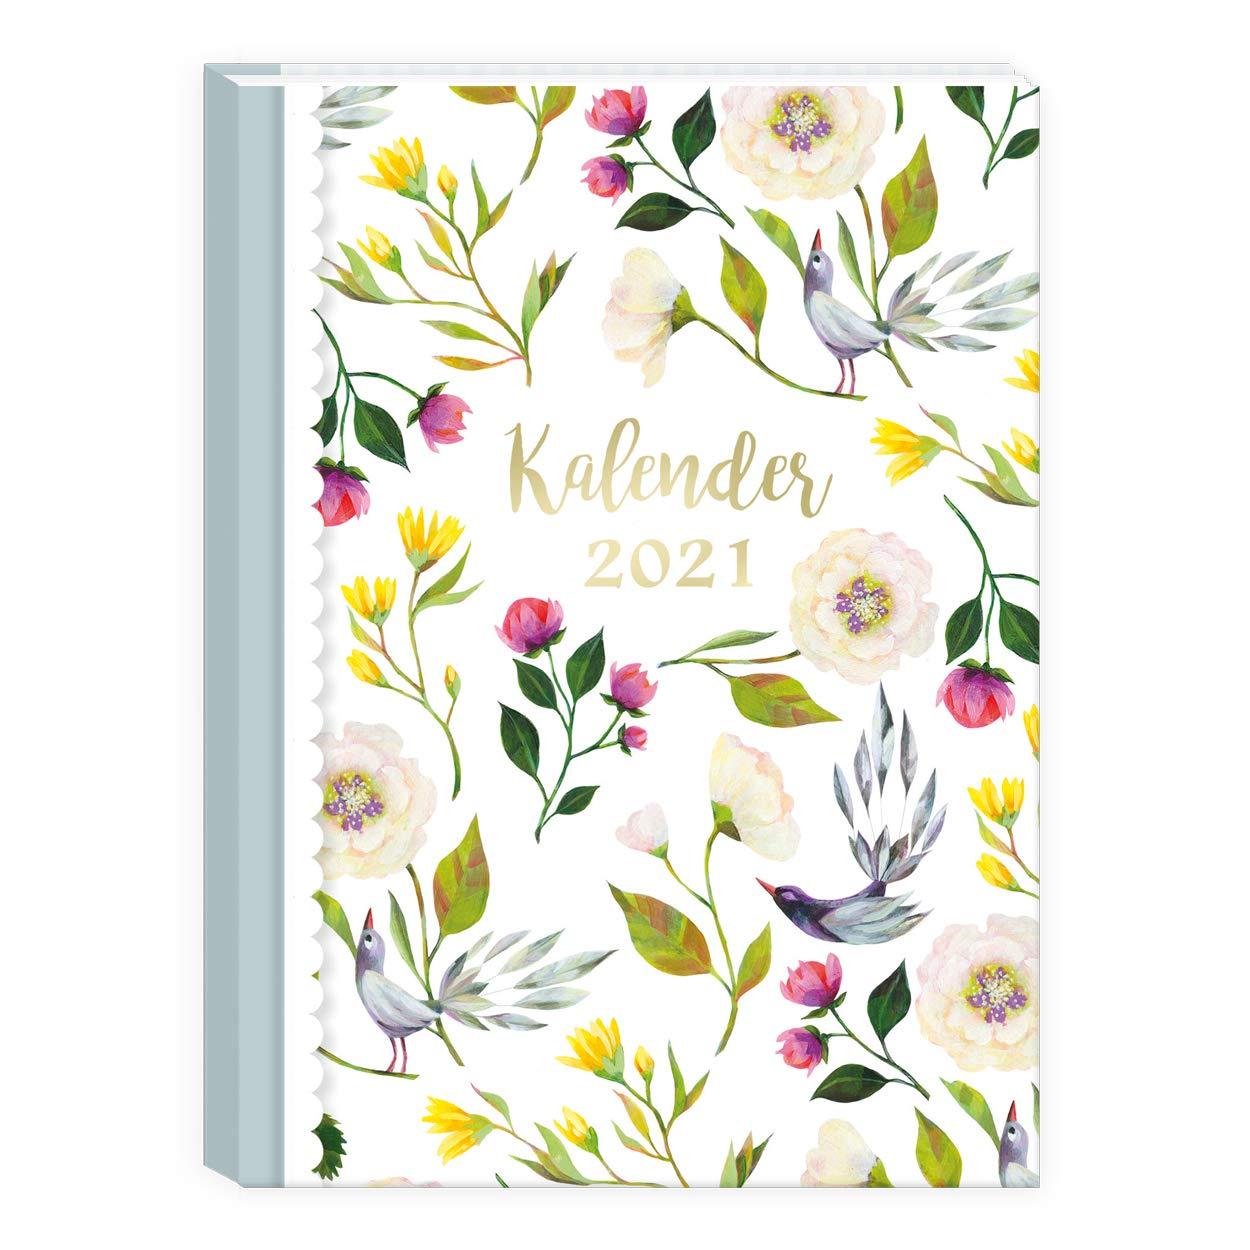 Taschenkalender Wochenplaner 2 Seiten pro Woche Hardcover| Terminkalender A6 Organizer 2021 Kalender Retro Vintage Kalenderbuch klein Terminplaner 2021